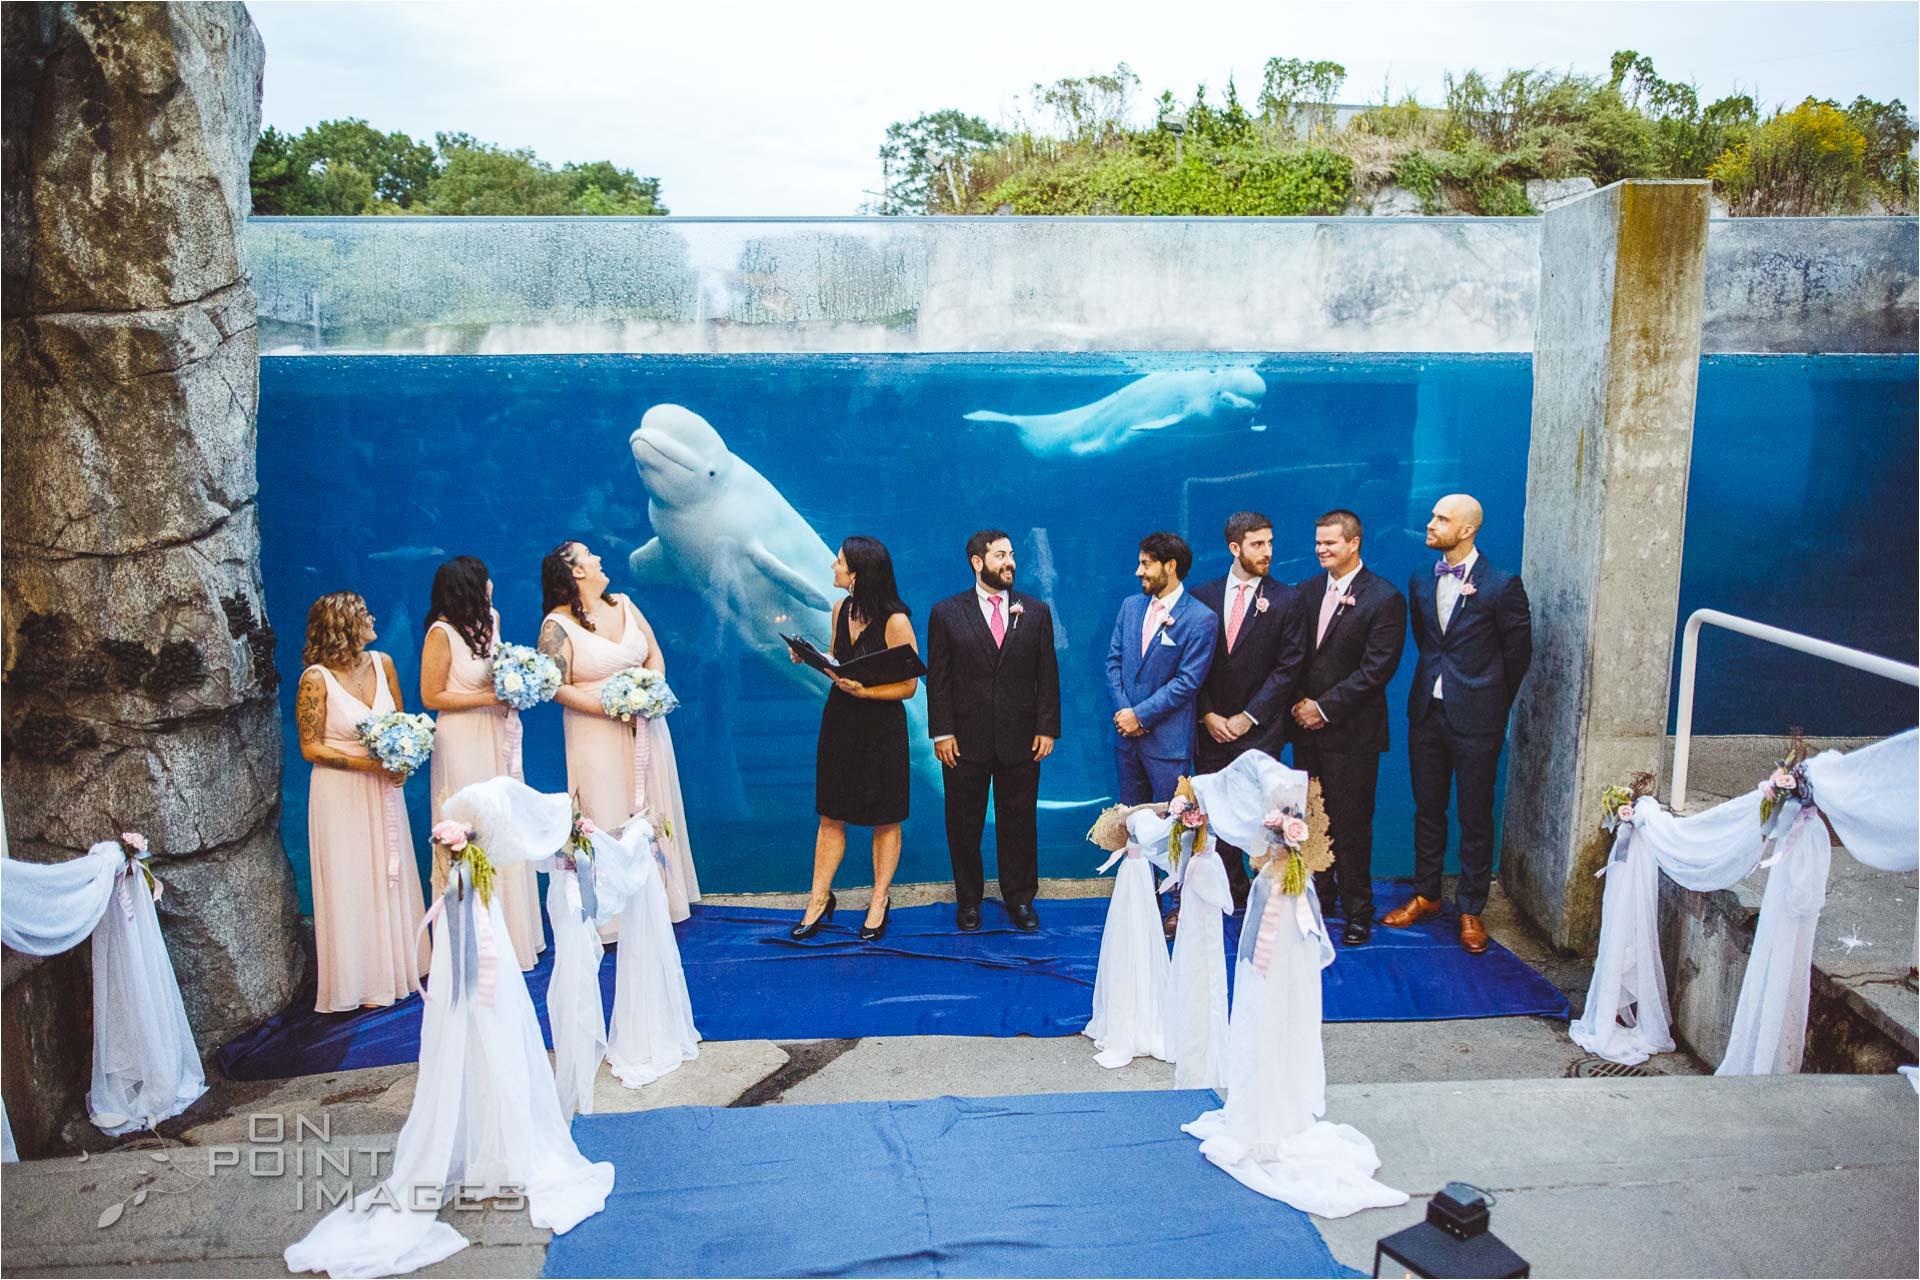 mystic-aquarium-wedding-photographs-21.jpg